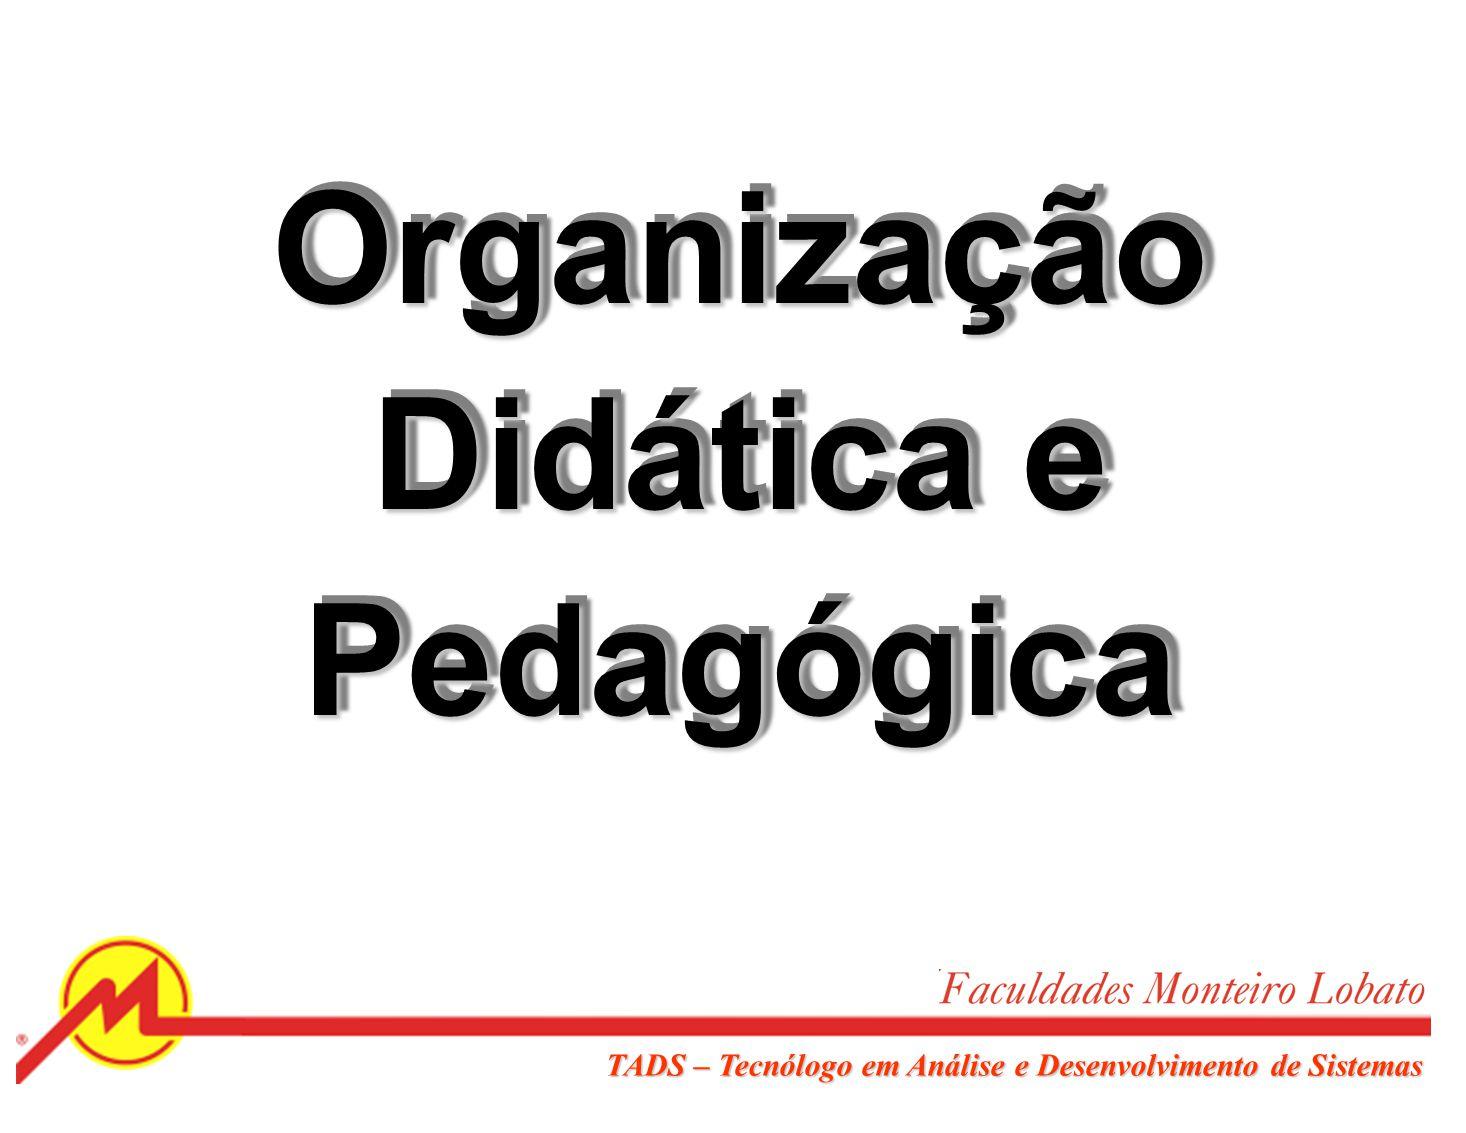 Organização Didática e Pedagógica